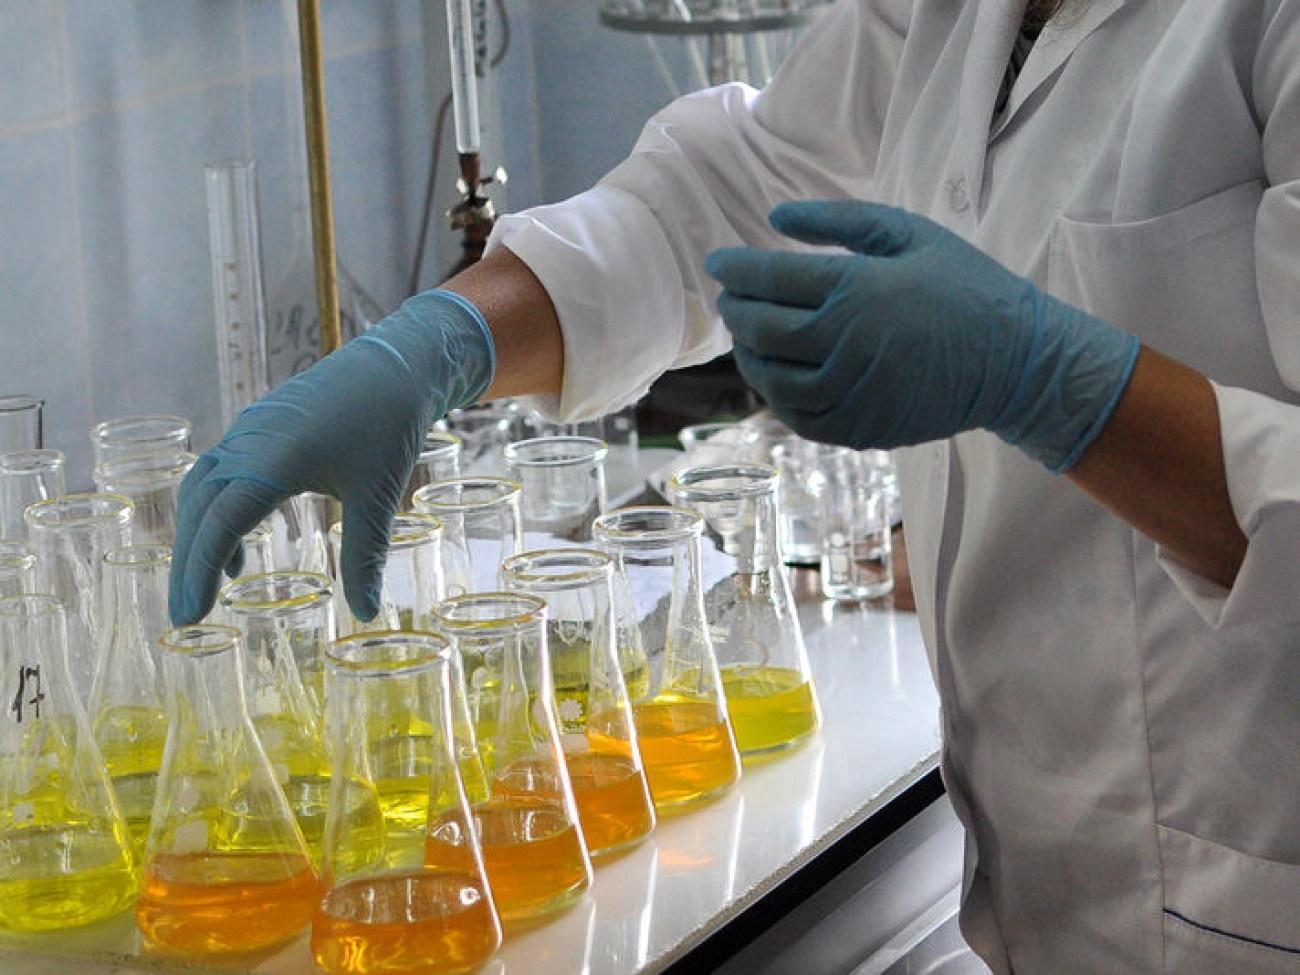 水质分析仪使用粉末试剂